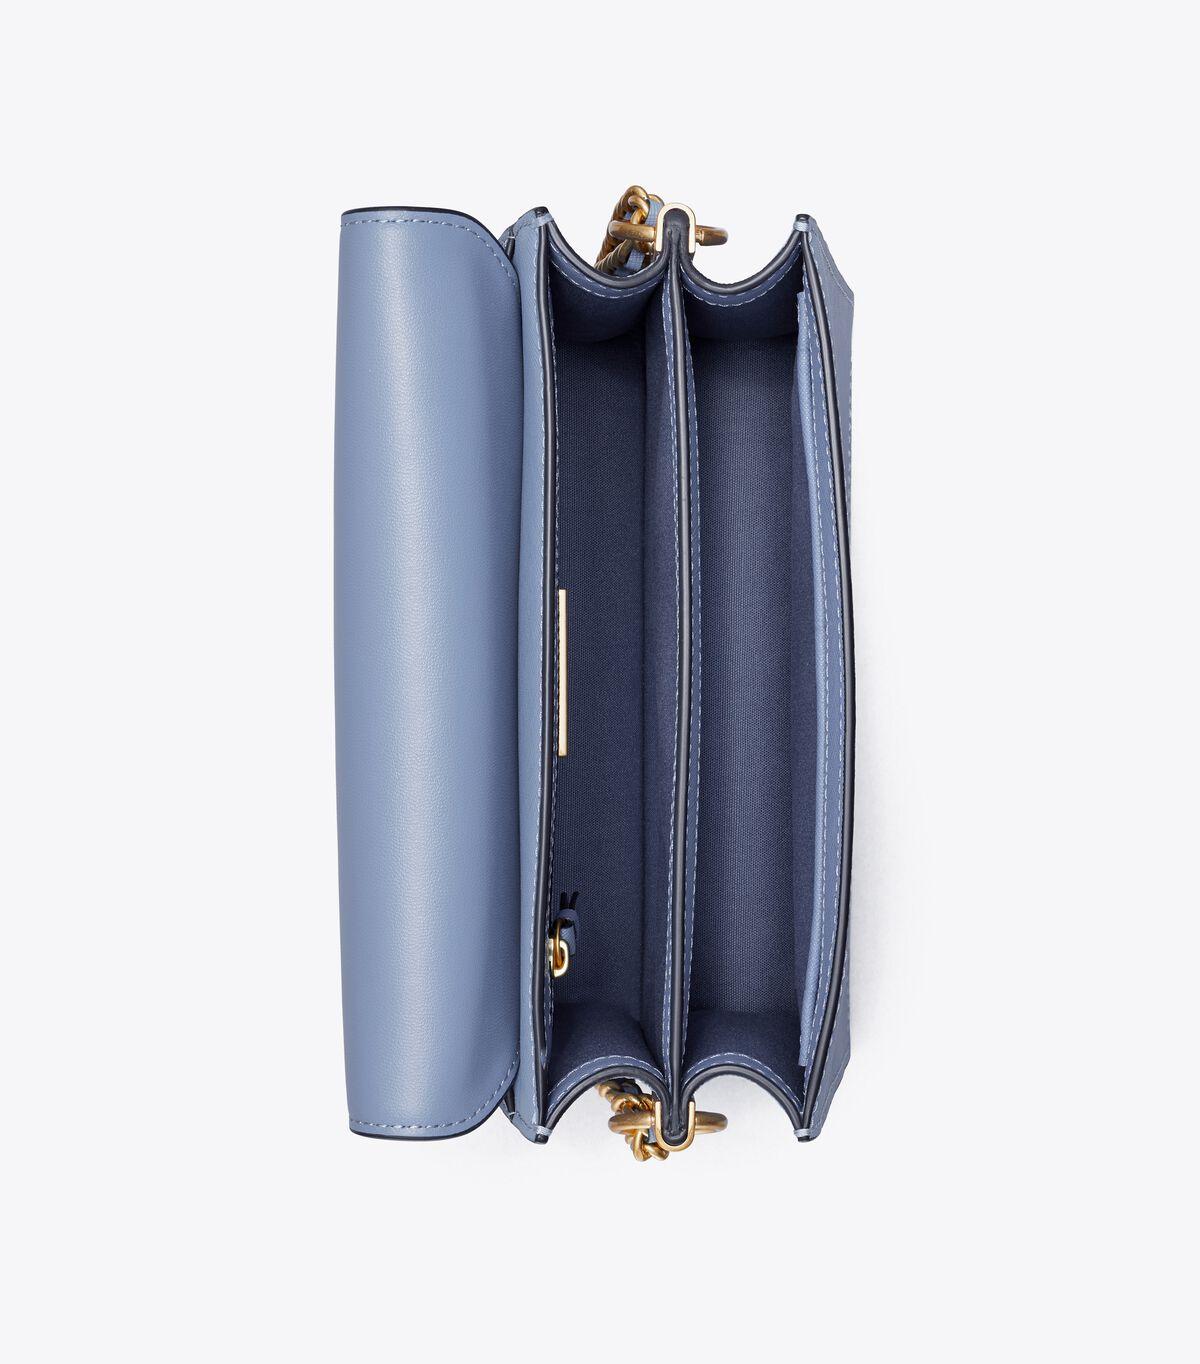 حقيبة كتف روبنسون قابلة للتغير